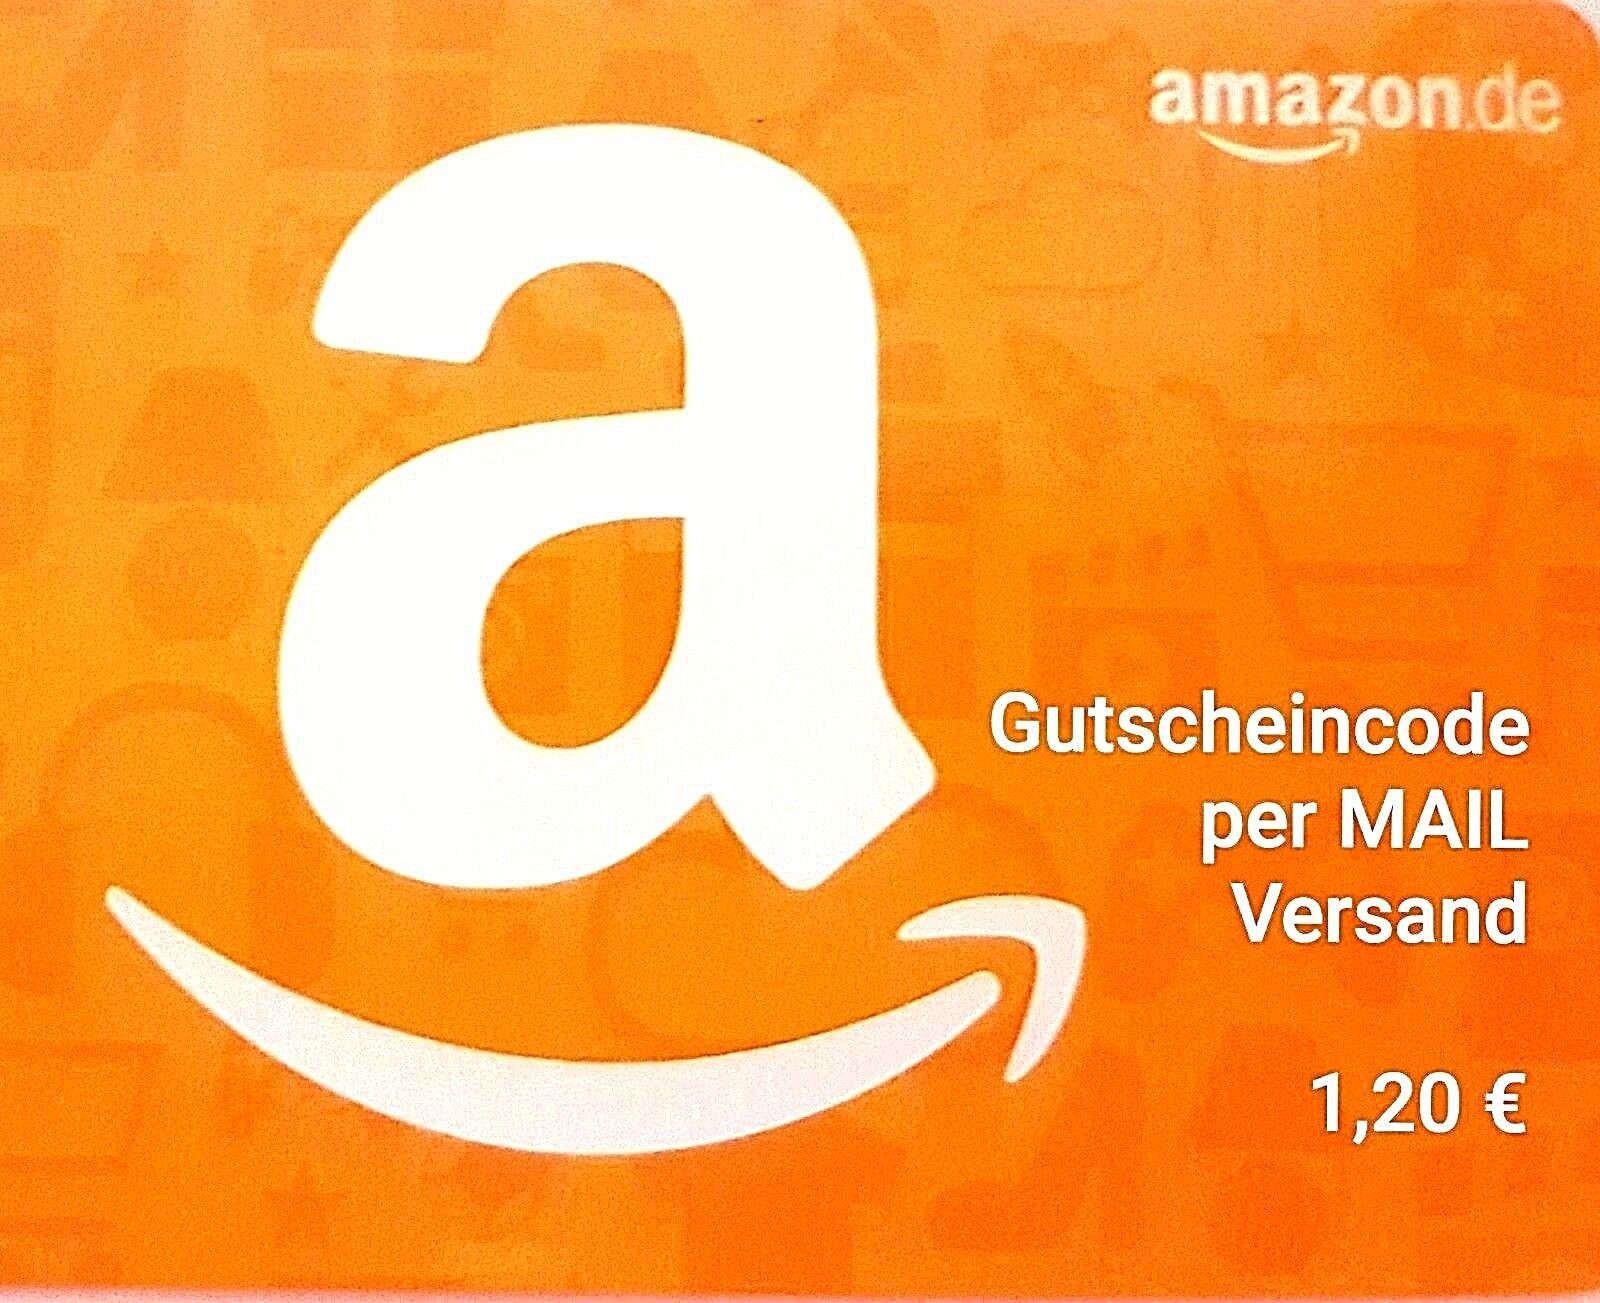 1,20€ Amazon Einkaufsgutschein  Voucher Coupon - 1 Gutschein pro Kauf